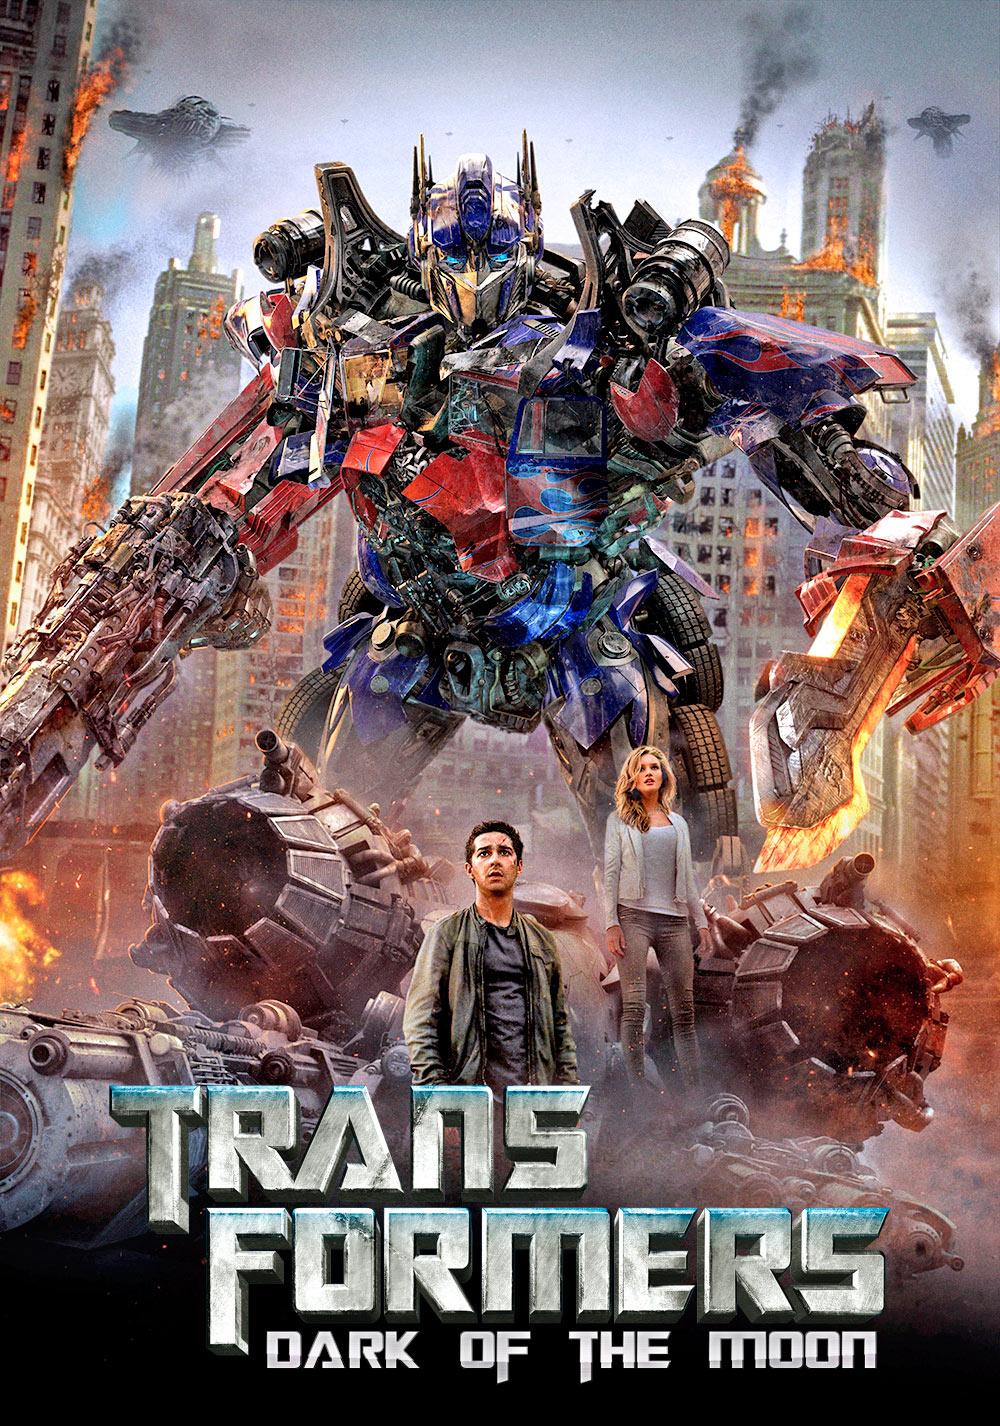 Transformers: El lado oscuro de la luna (Transformers: Dark of the Moon) de Michael Bay